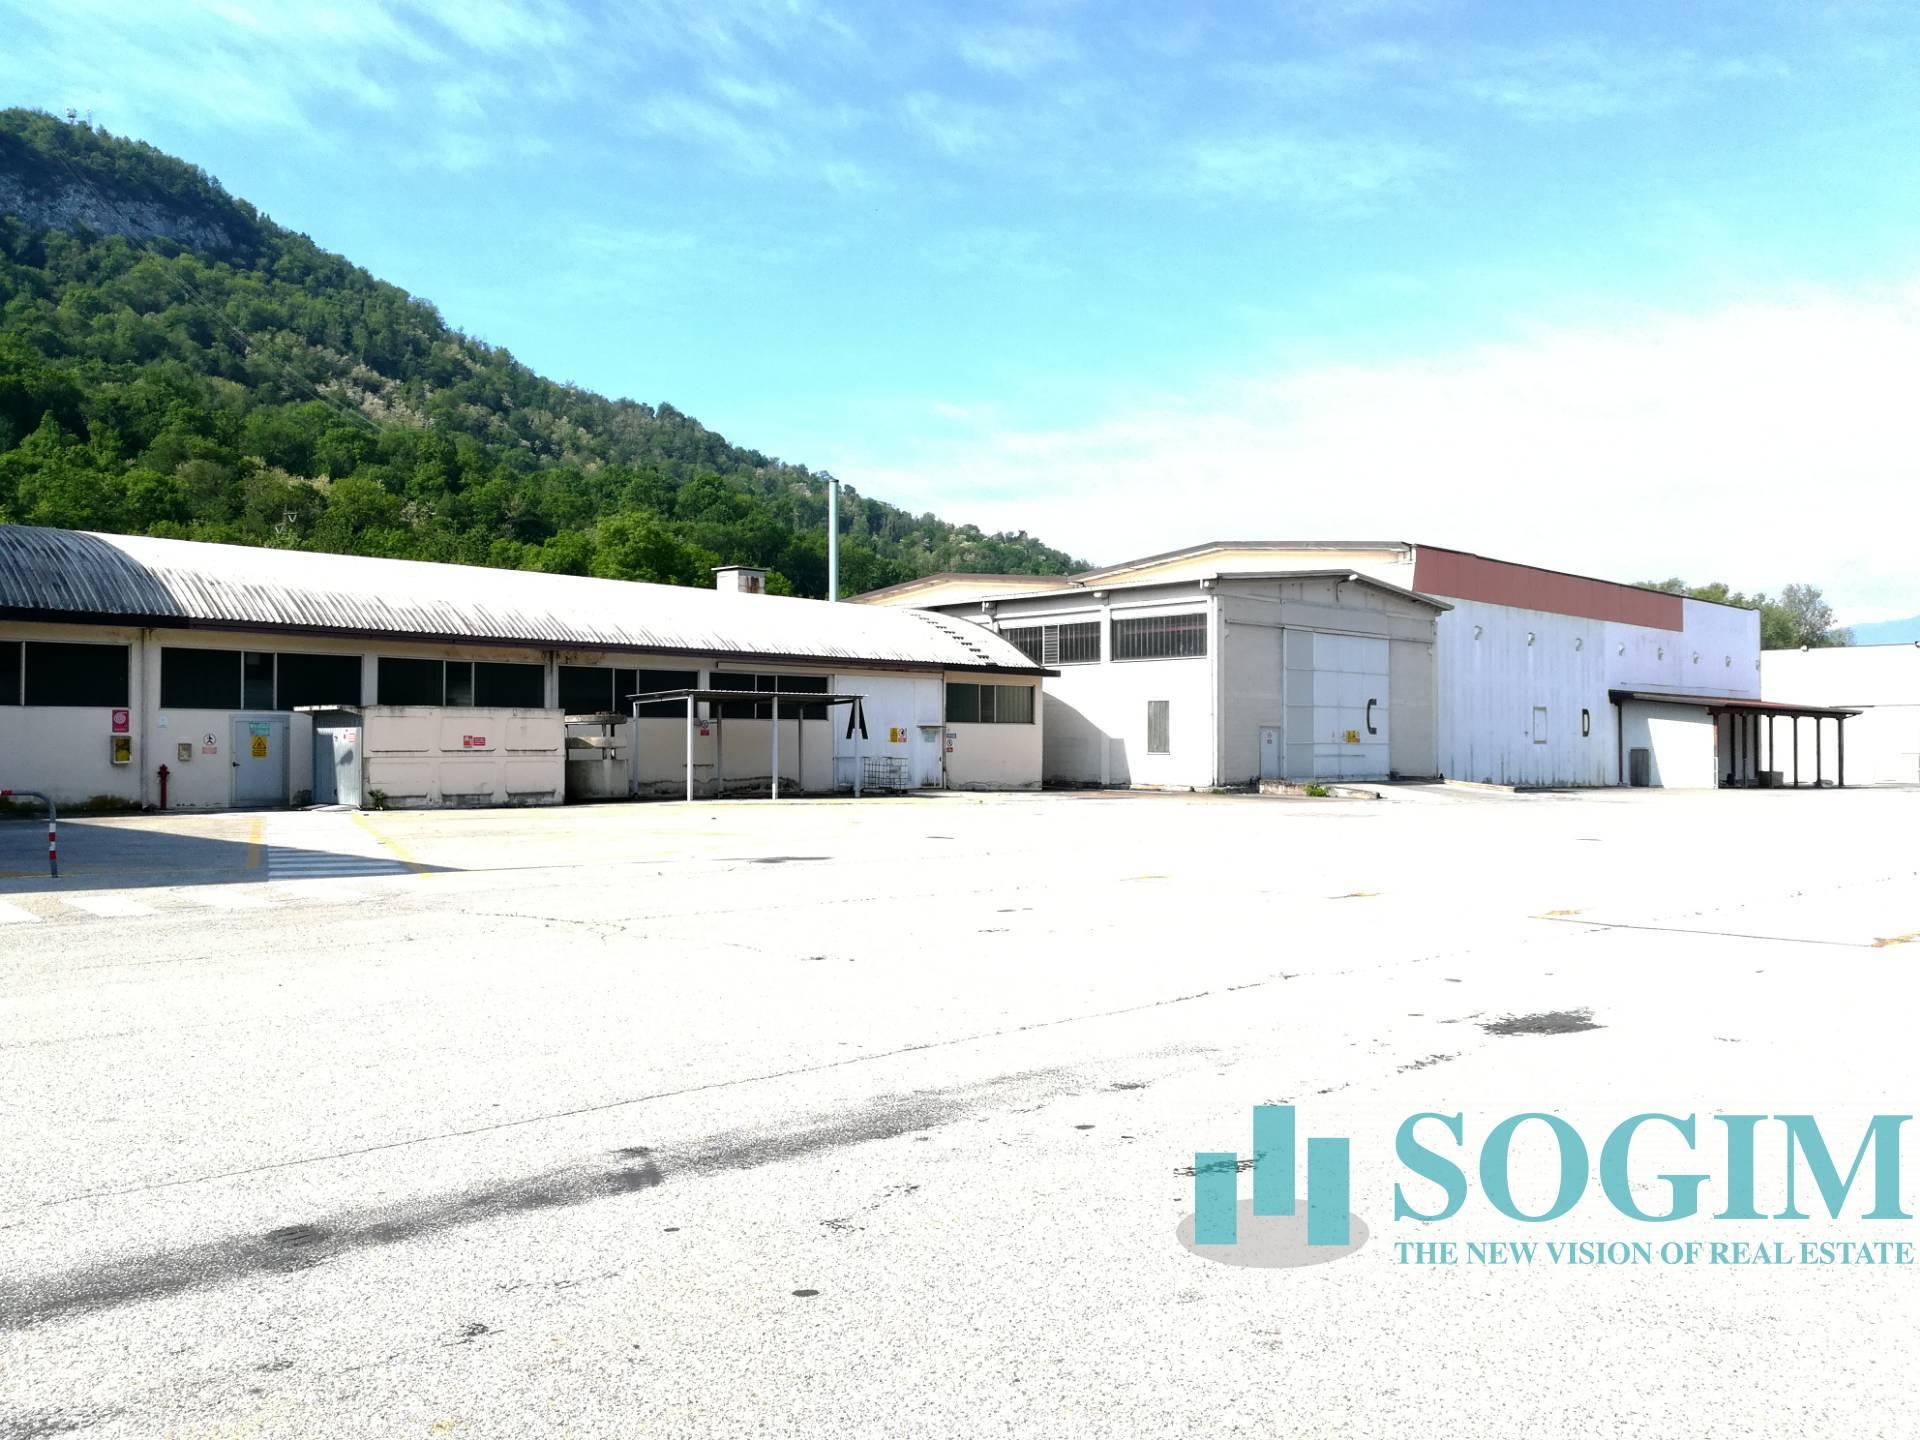 Capannone in vendita a Cittiglio, 9999 locali, prezzo € 2.900.000 | PortaleAgenzieImmobiliari.it